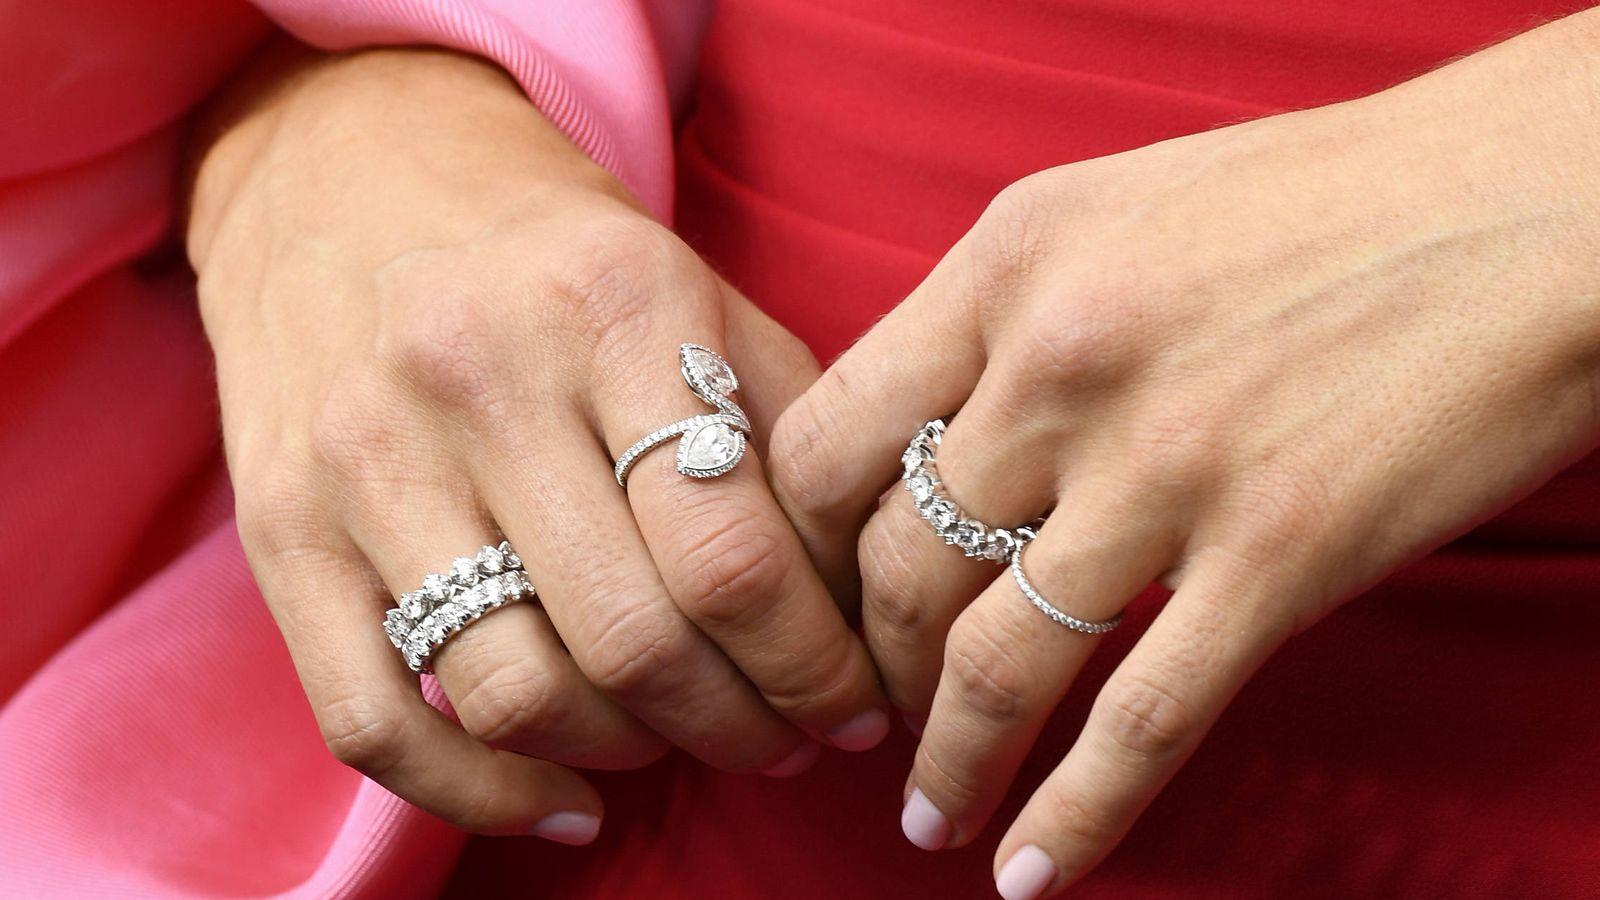 Foto: La manicura se convierte en la clave de un buen estilismo. (Getty)